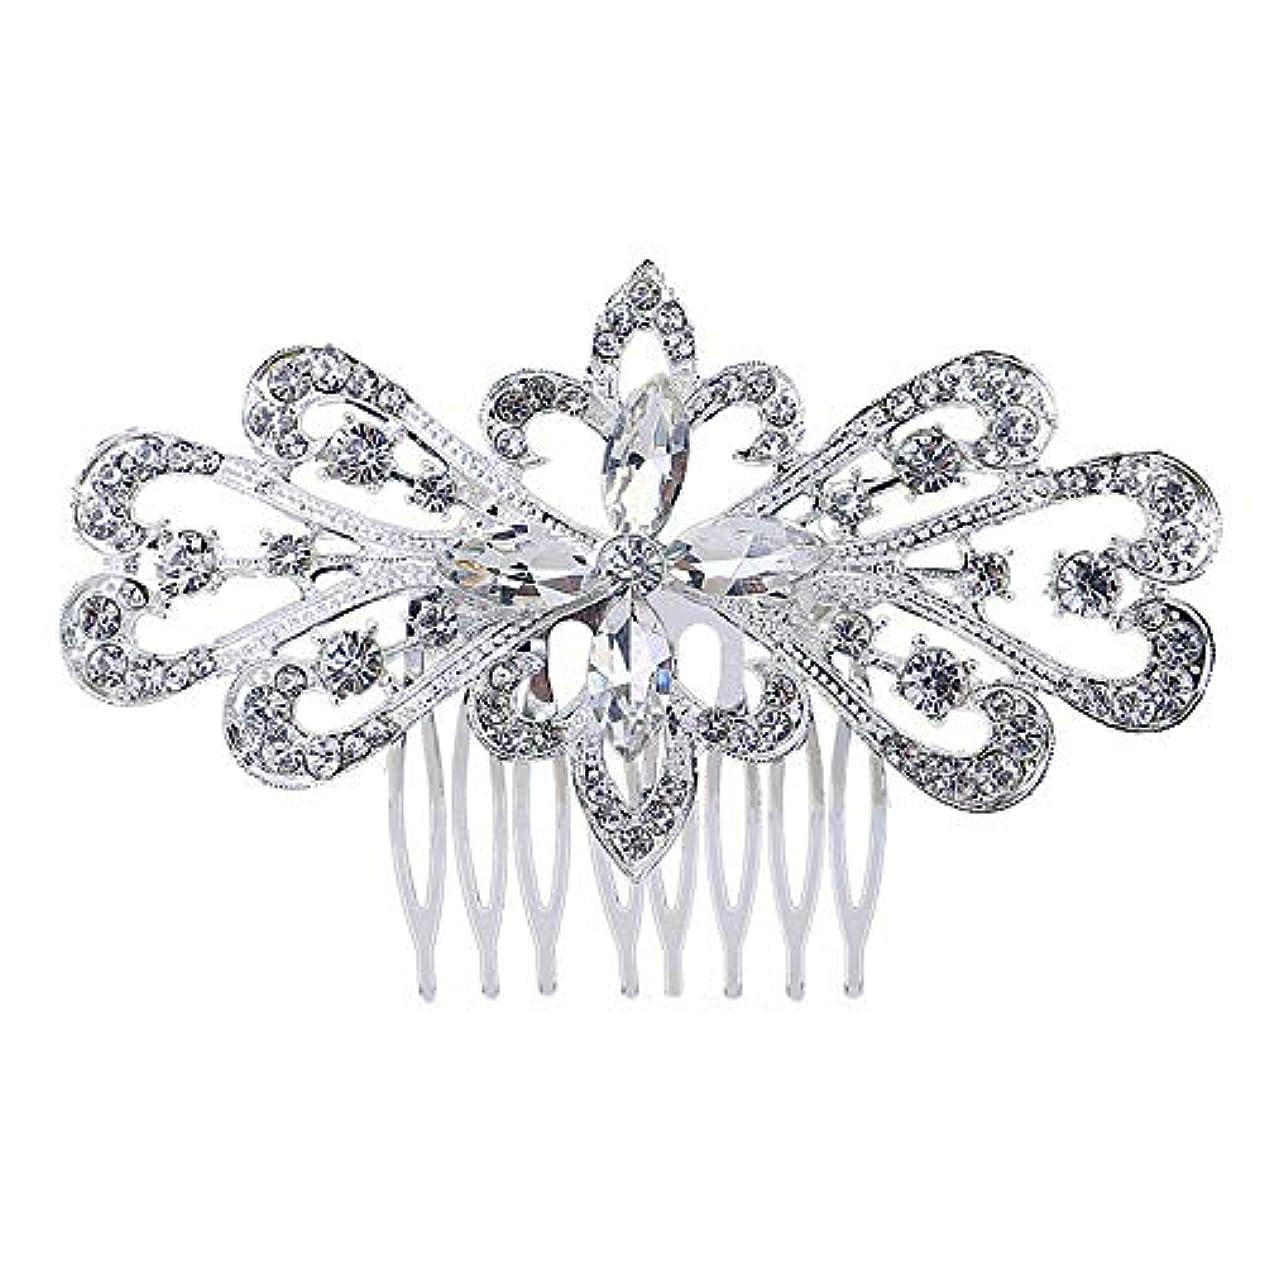 合計建築作物髪の櫛の櫛の櫛の花嫁の髪の櫛の花の髪の櫛のラインストーンの挿入物の櫛の合金の帽子の結婚式のアクセサリー